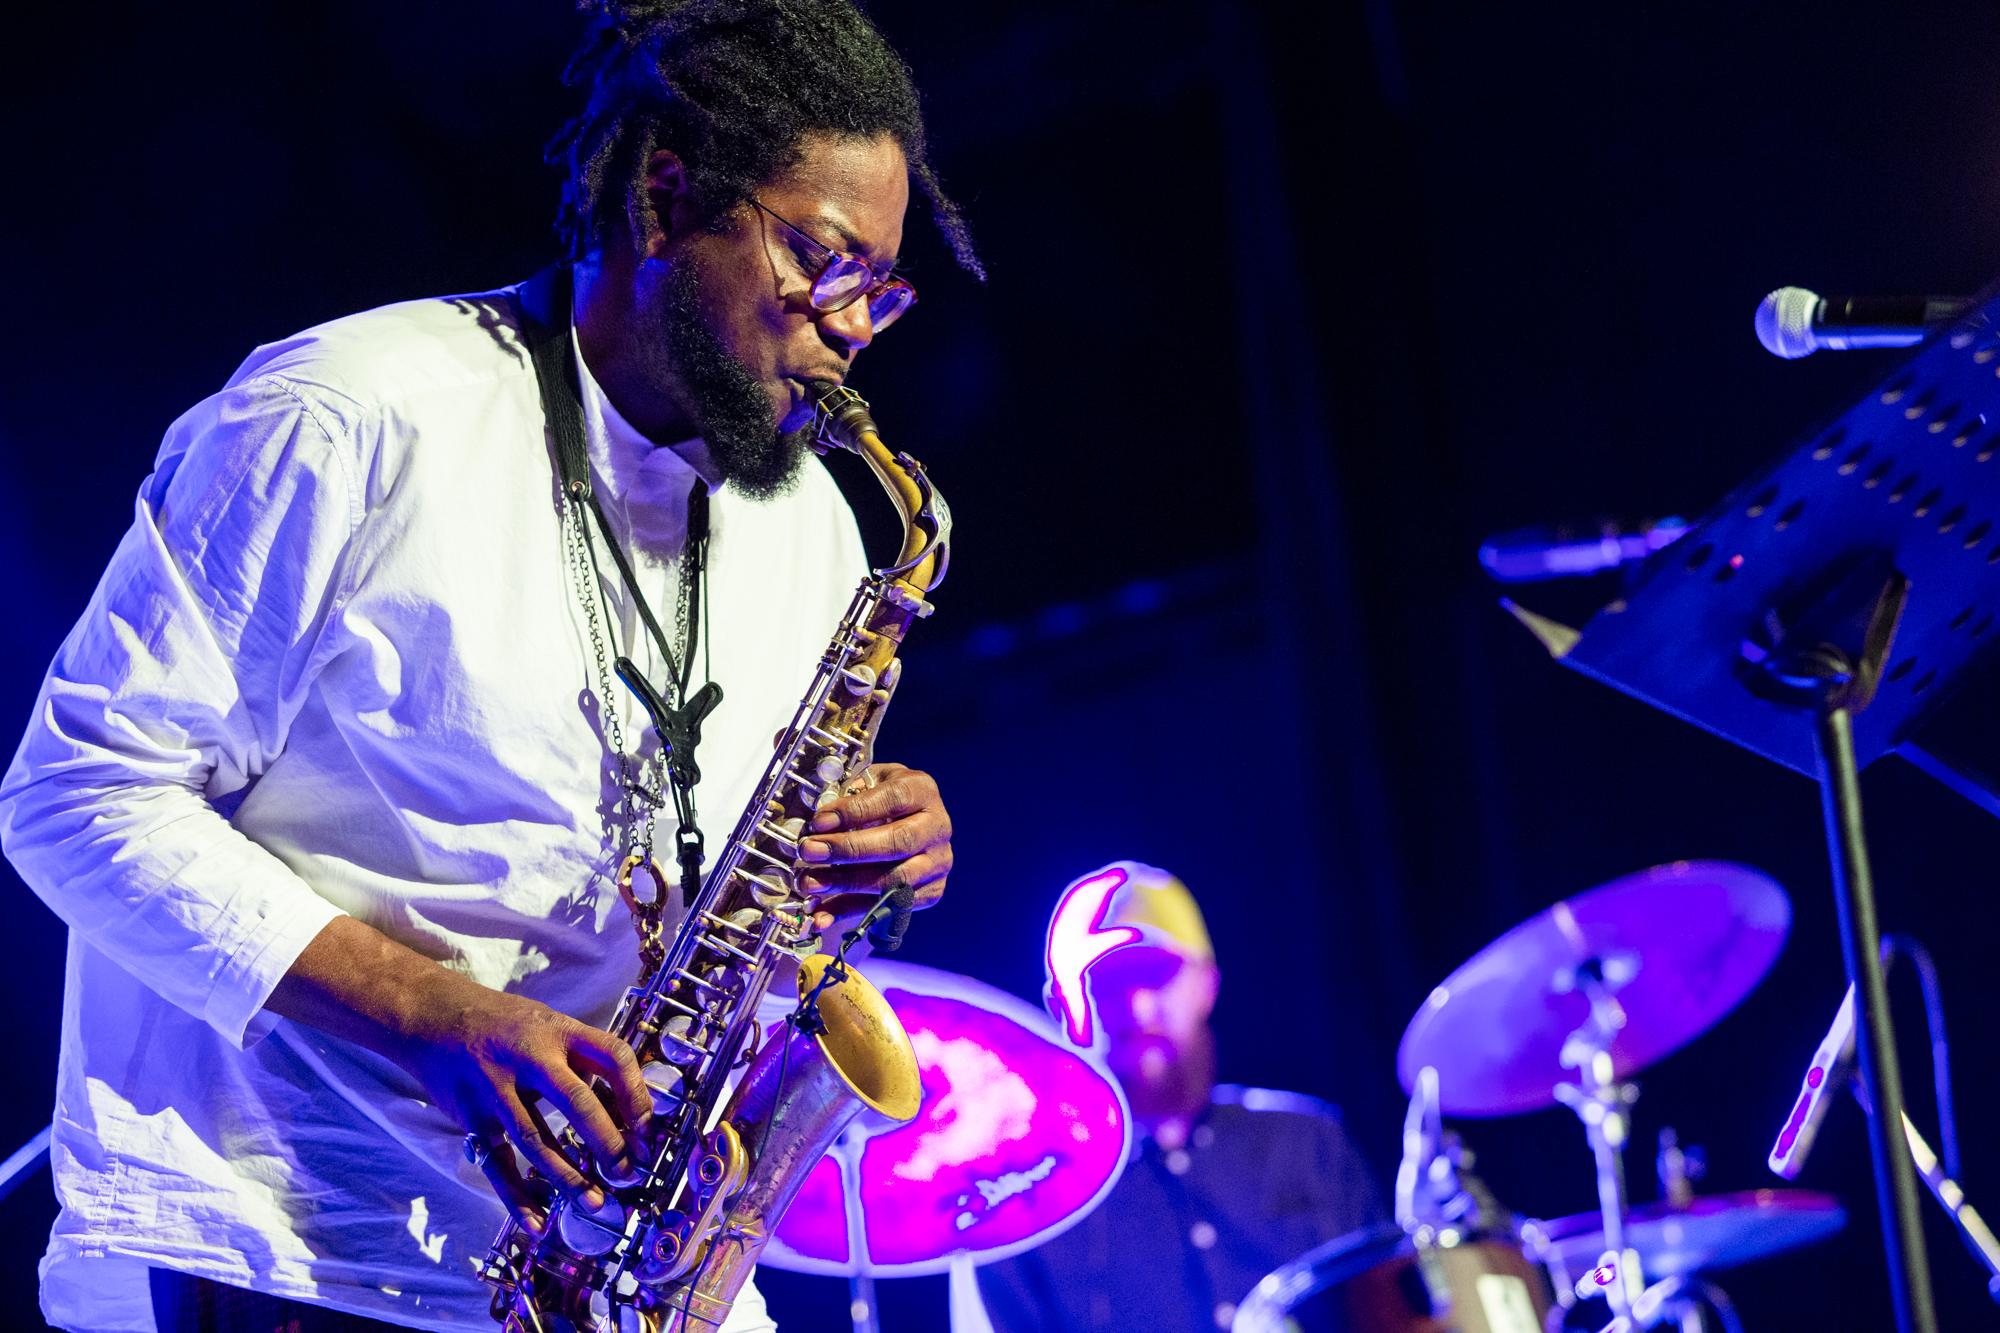 Для мене джаз – - це насамперед автентичність, справжність, здатність бути впізнаваним (впізнаним).